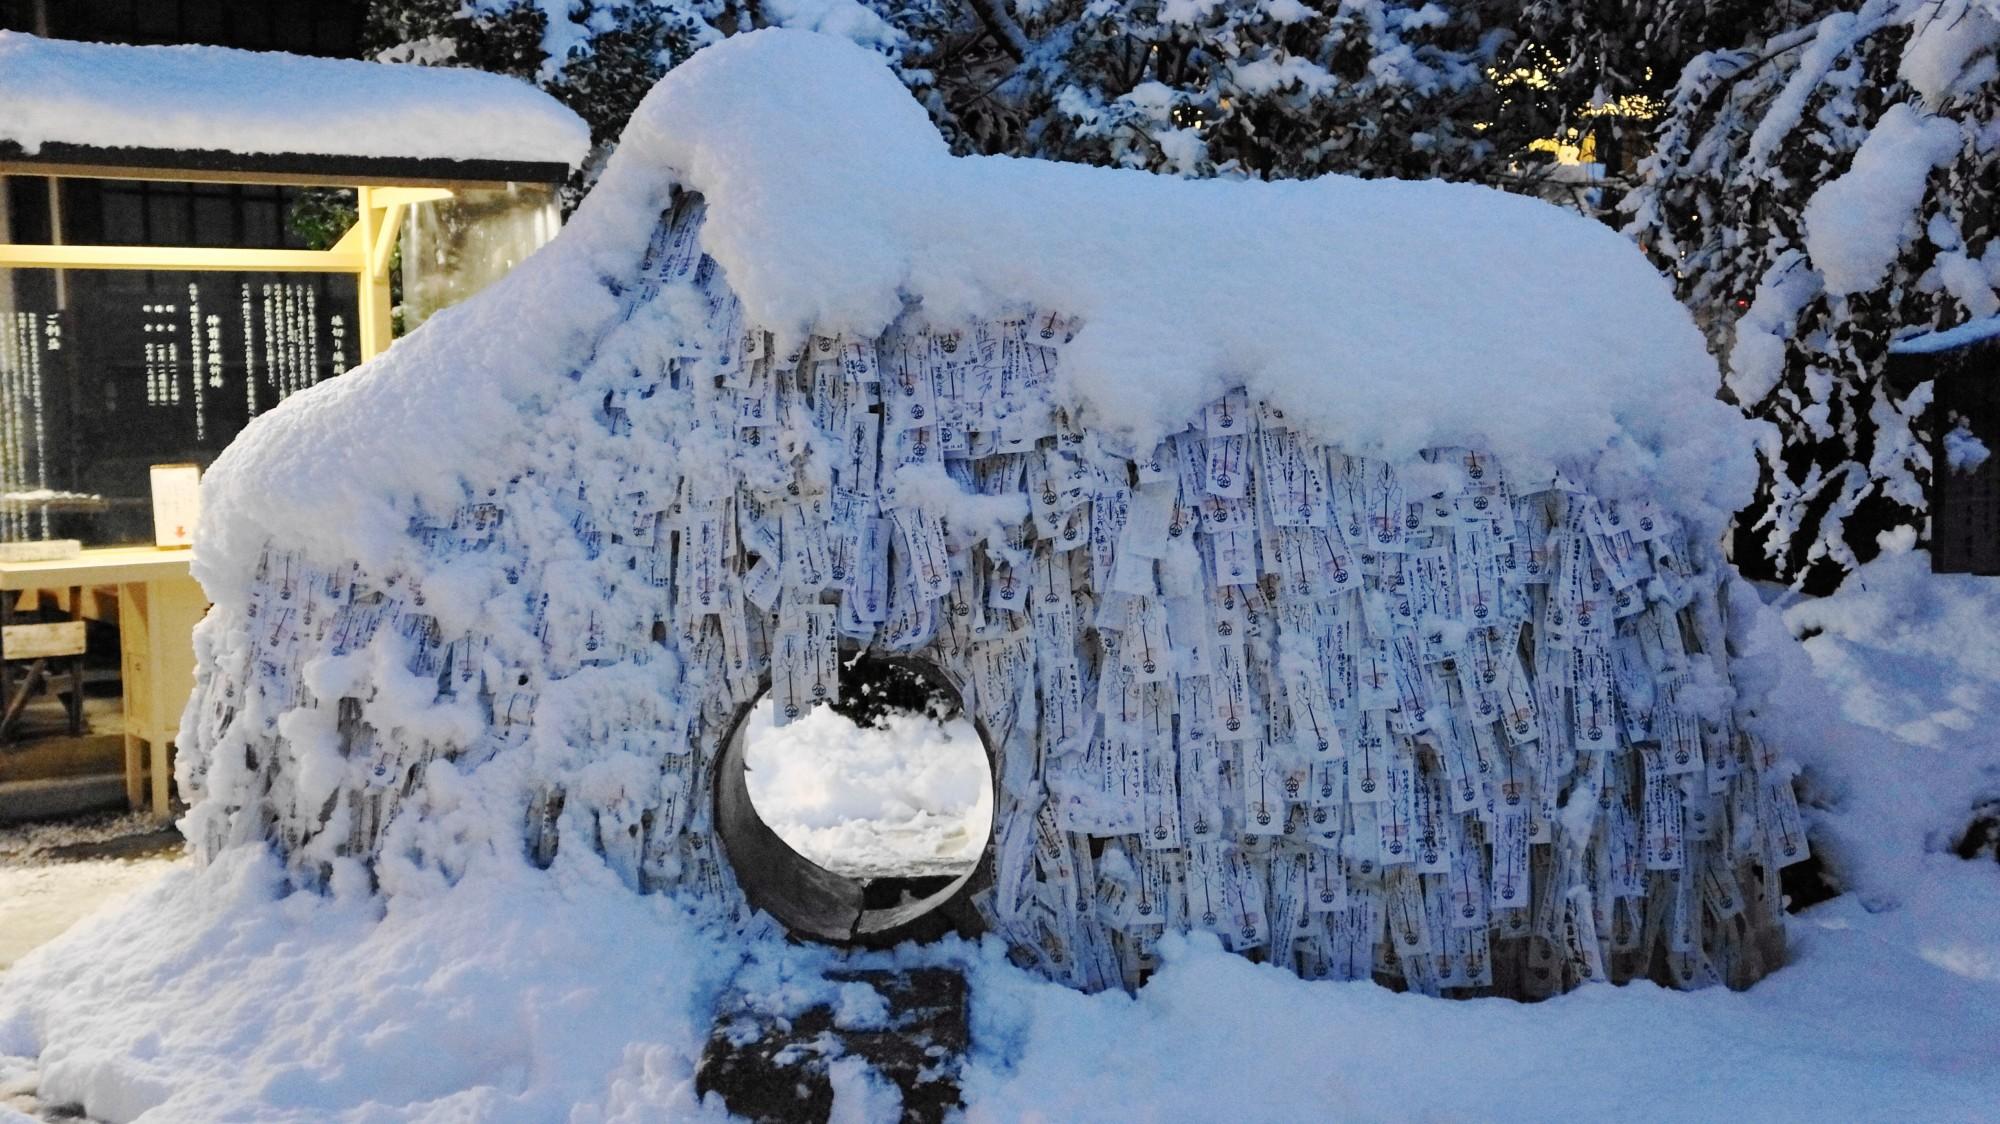 安井金比羅宮 雪 縁切り神社の厳かな冬景色